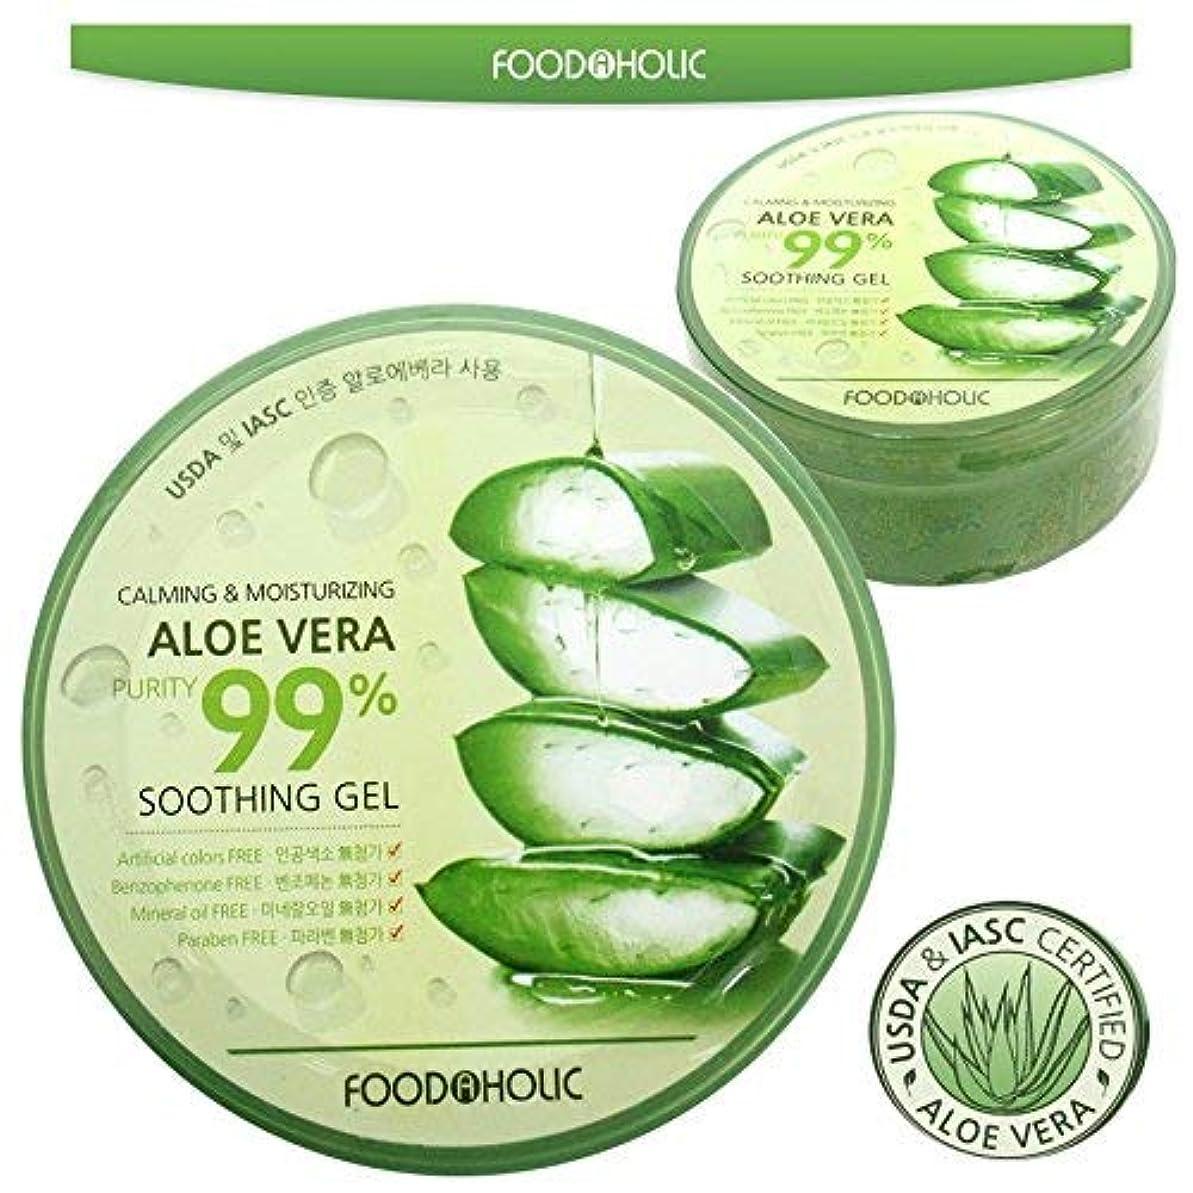 文伝統見つけた[FOOD A HOLIC] 穏やかな&保湿アロエベラ純度は99%スージングジェル(300ml * 1EA) / Calming & Moisturizing Aloe Vera Purity 99% Soothing...